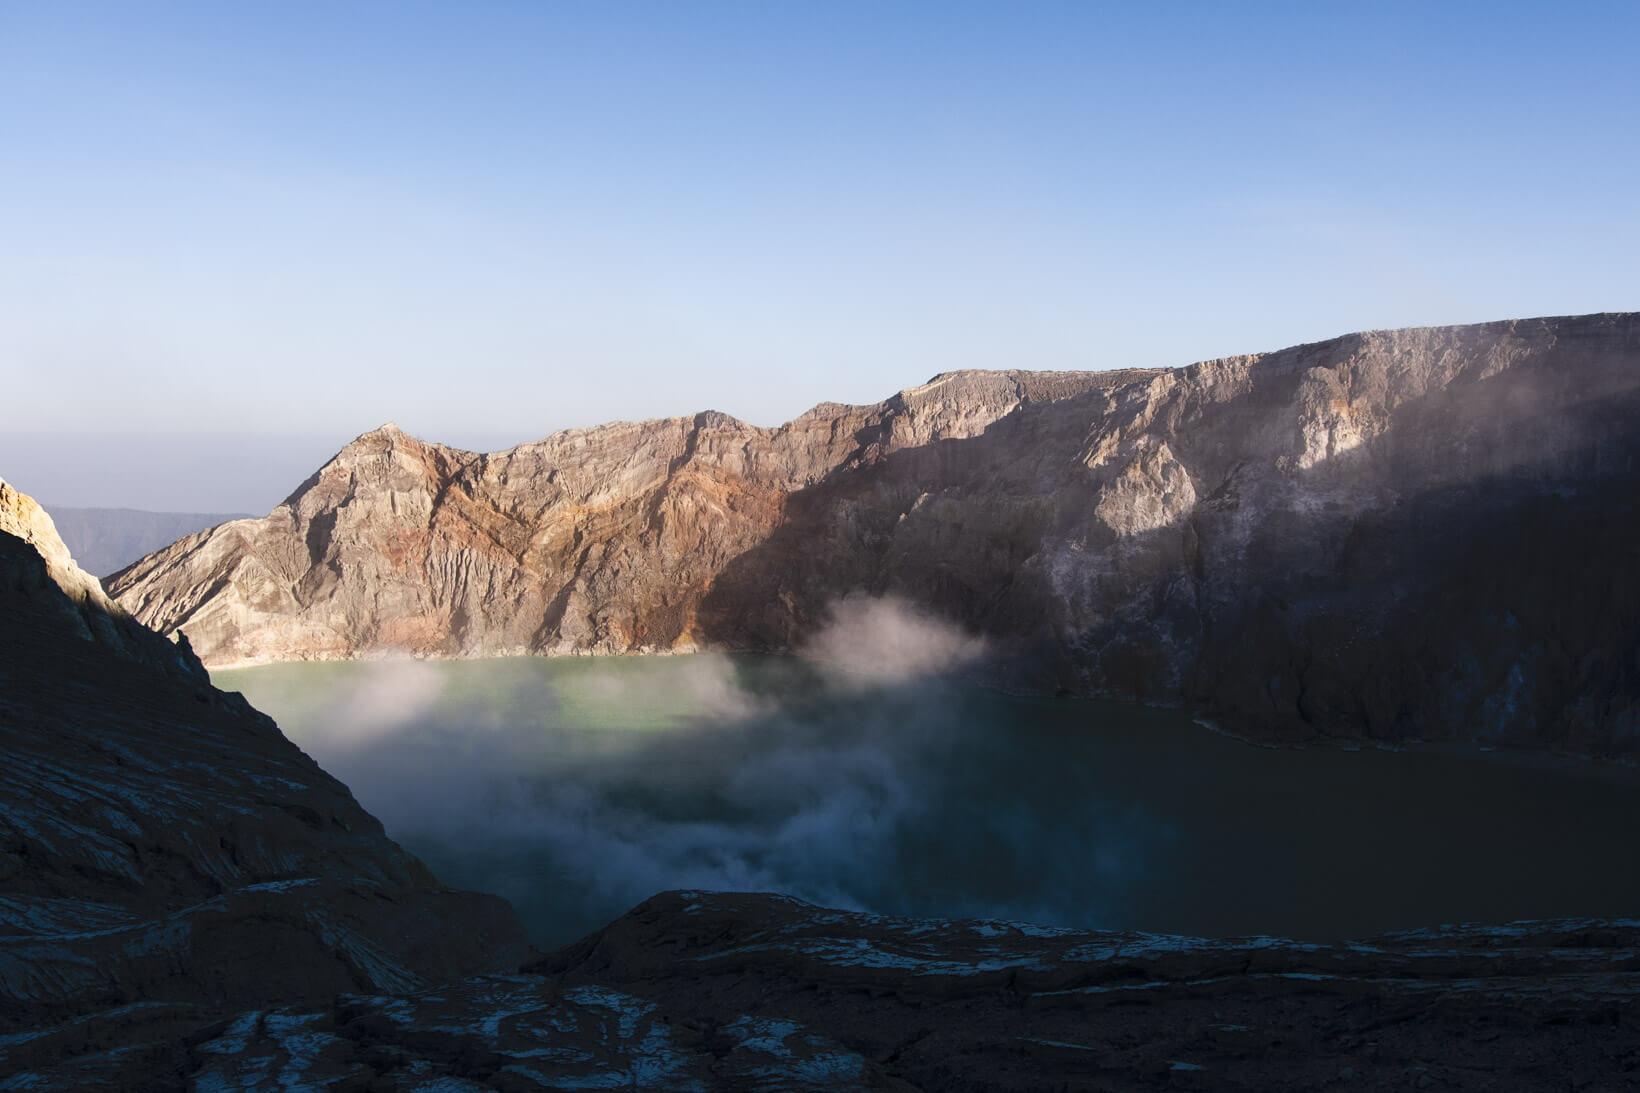 Lago acido nel cratere vulcano Ijen